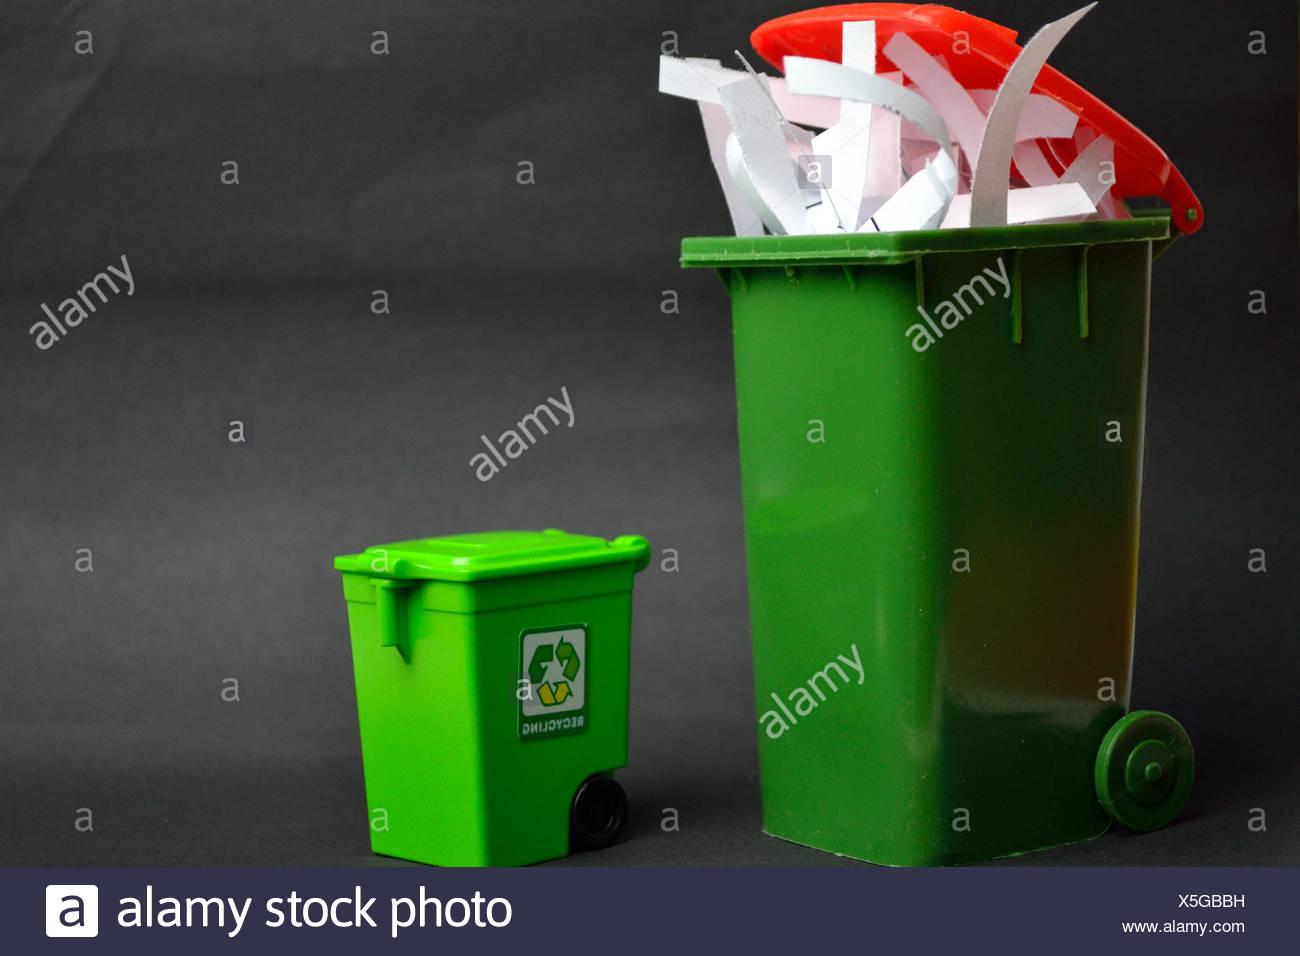 freigestellter Altpapiercontainer und Recyclingtonne Stock Photo